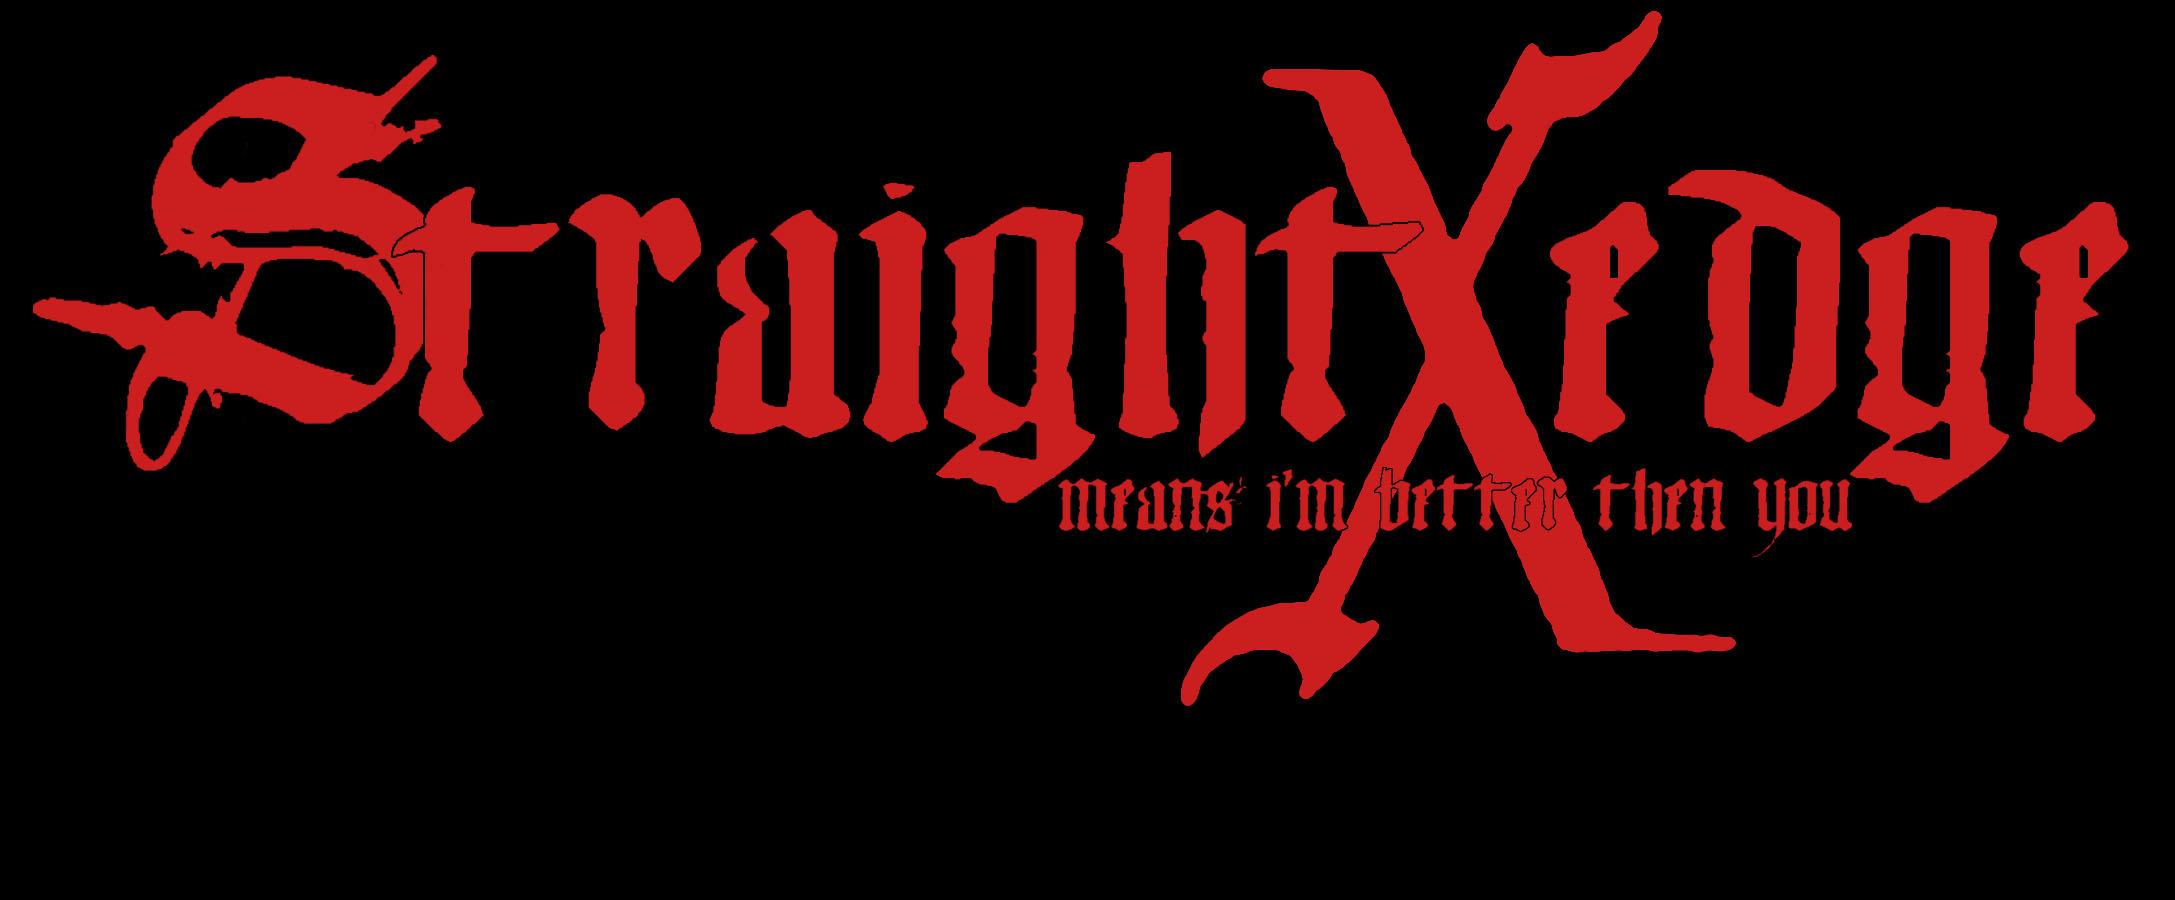 Straight Edge By Crosseyedbear On Deviantart